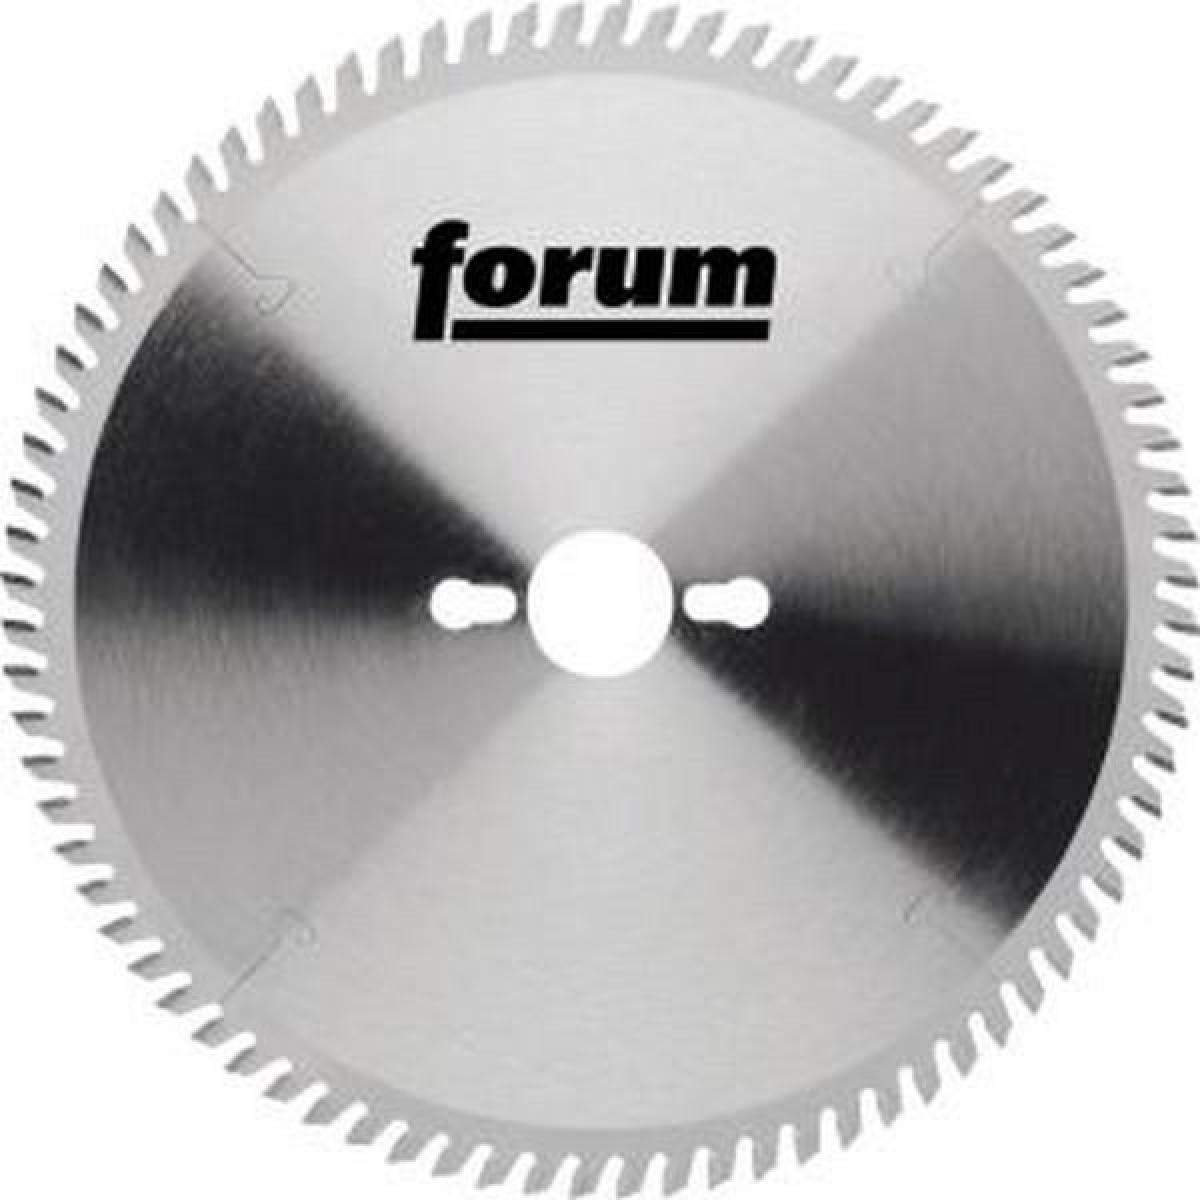 Forum Lame de scie circulaire, Ø : 600 mm, Larg. : 3,8 mm, Alésage 30 mm, Perçages secondaires : -, Dents : 36